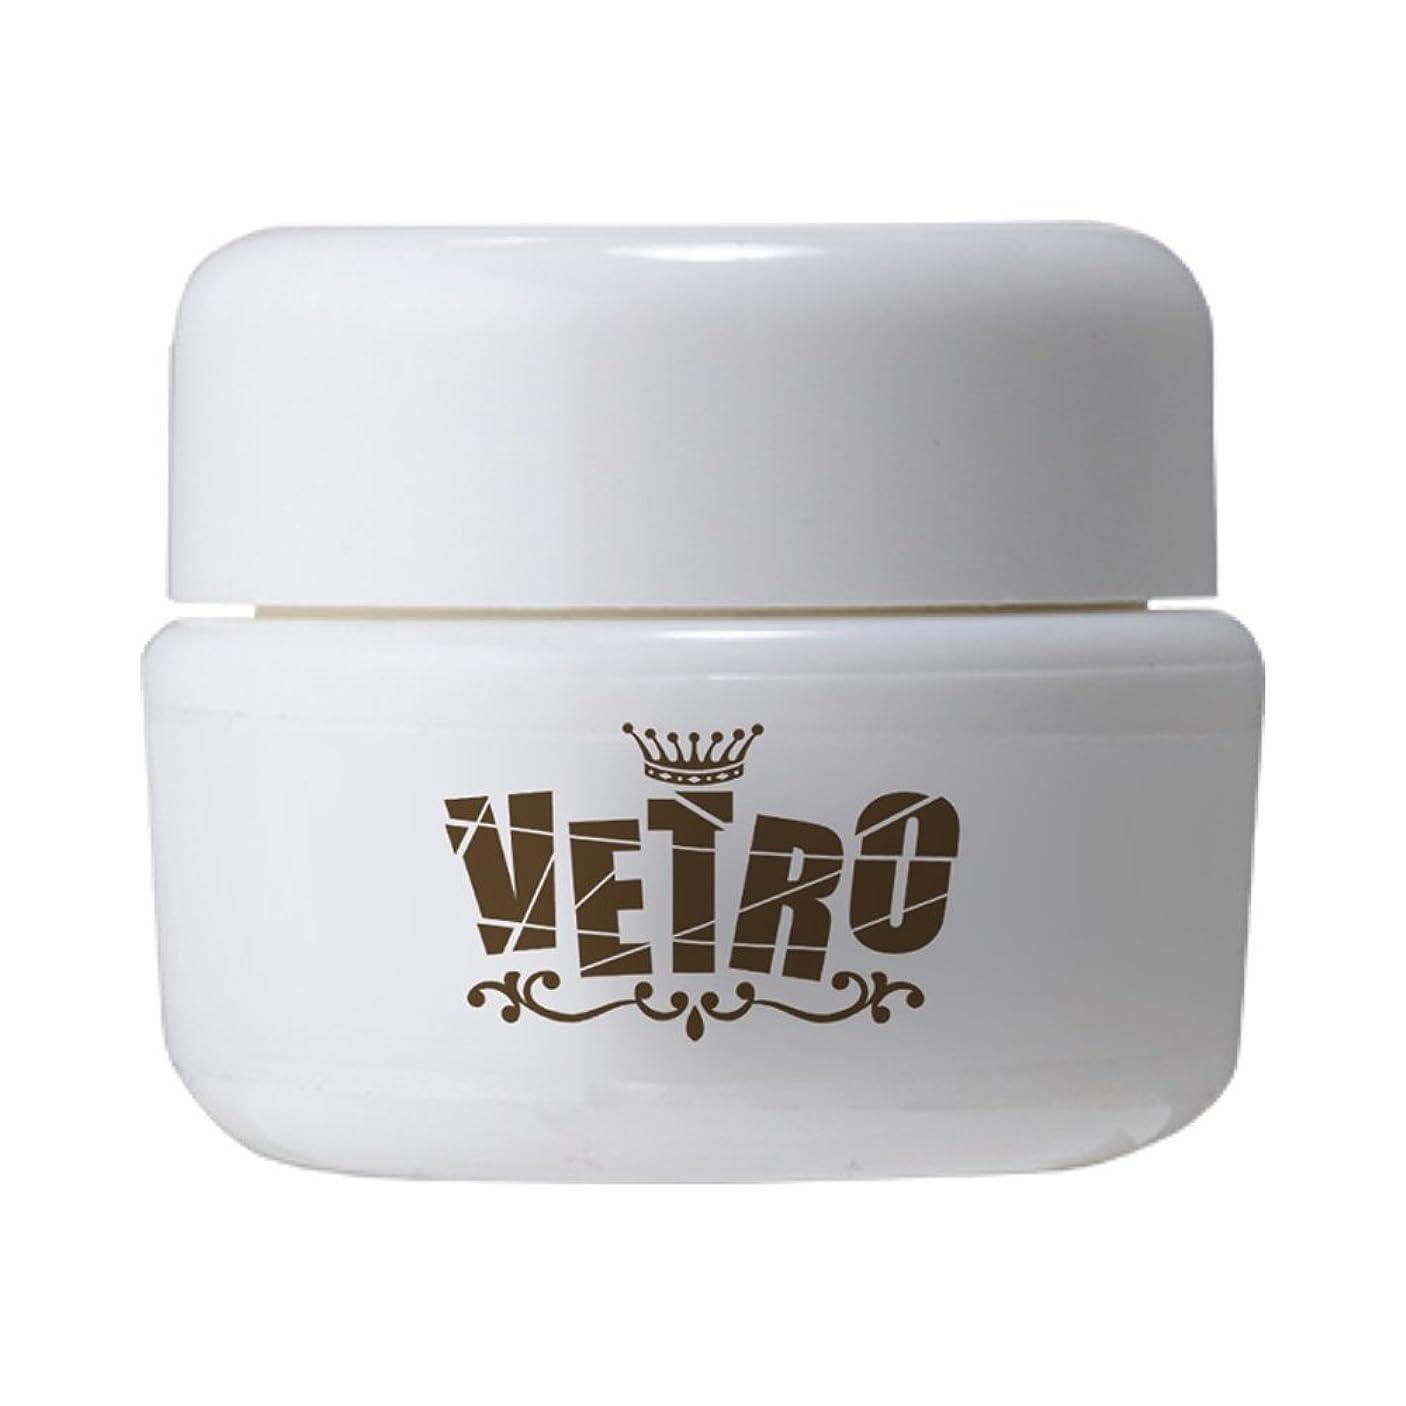 とげのある等しい乳白VETRO No.19 カラージェル マット VL379 アンティークミント 4ml